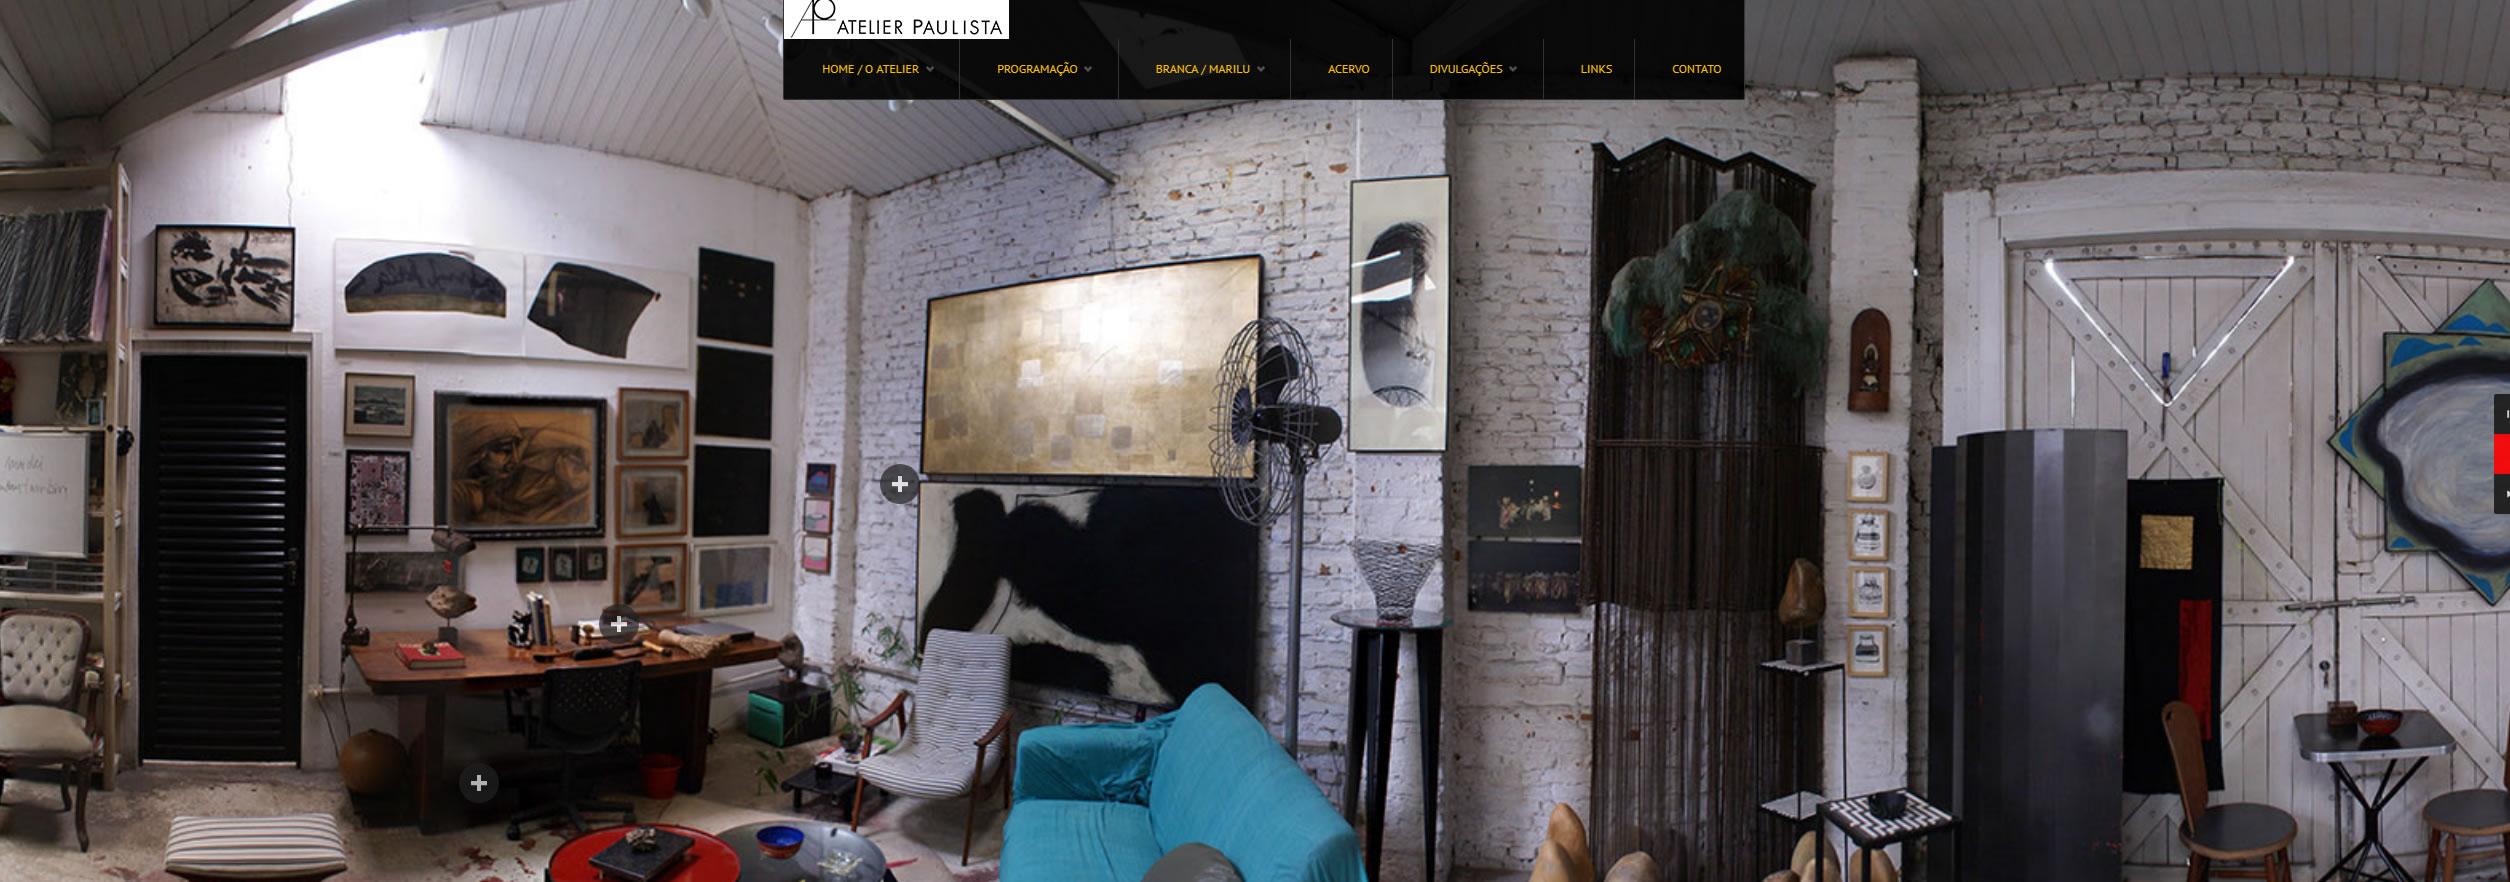 atelier_paulista_galeria_de_gravura